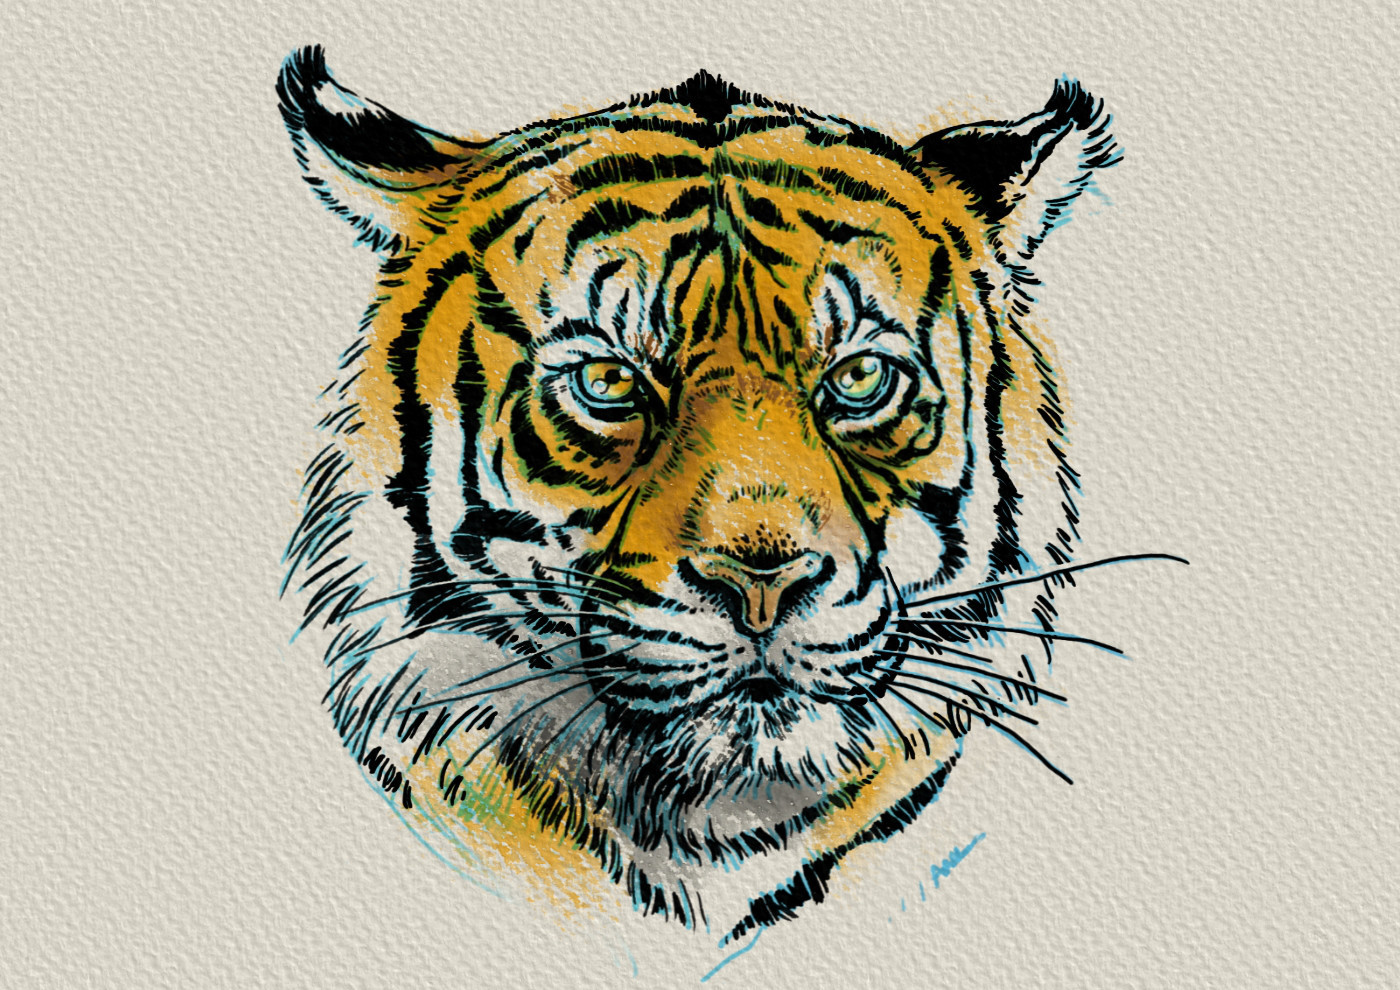 Zoltan korcsok tigerportrait